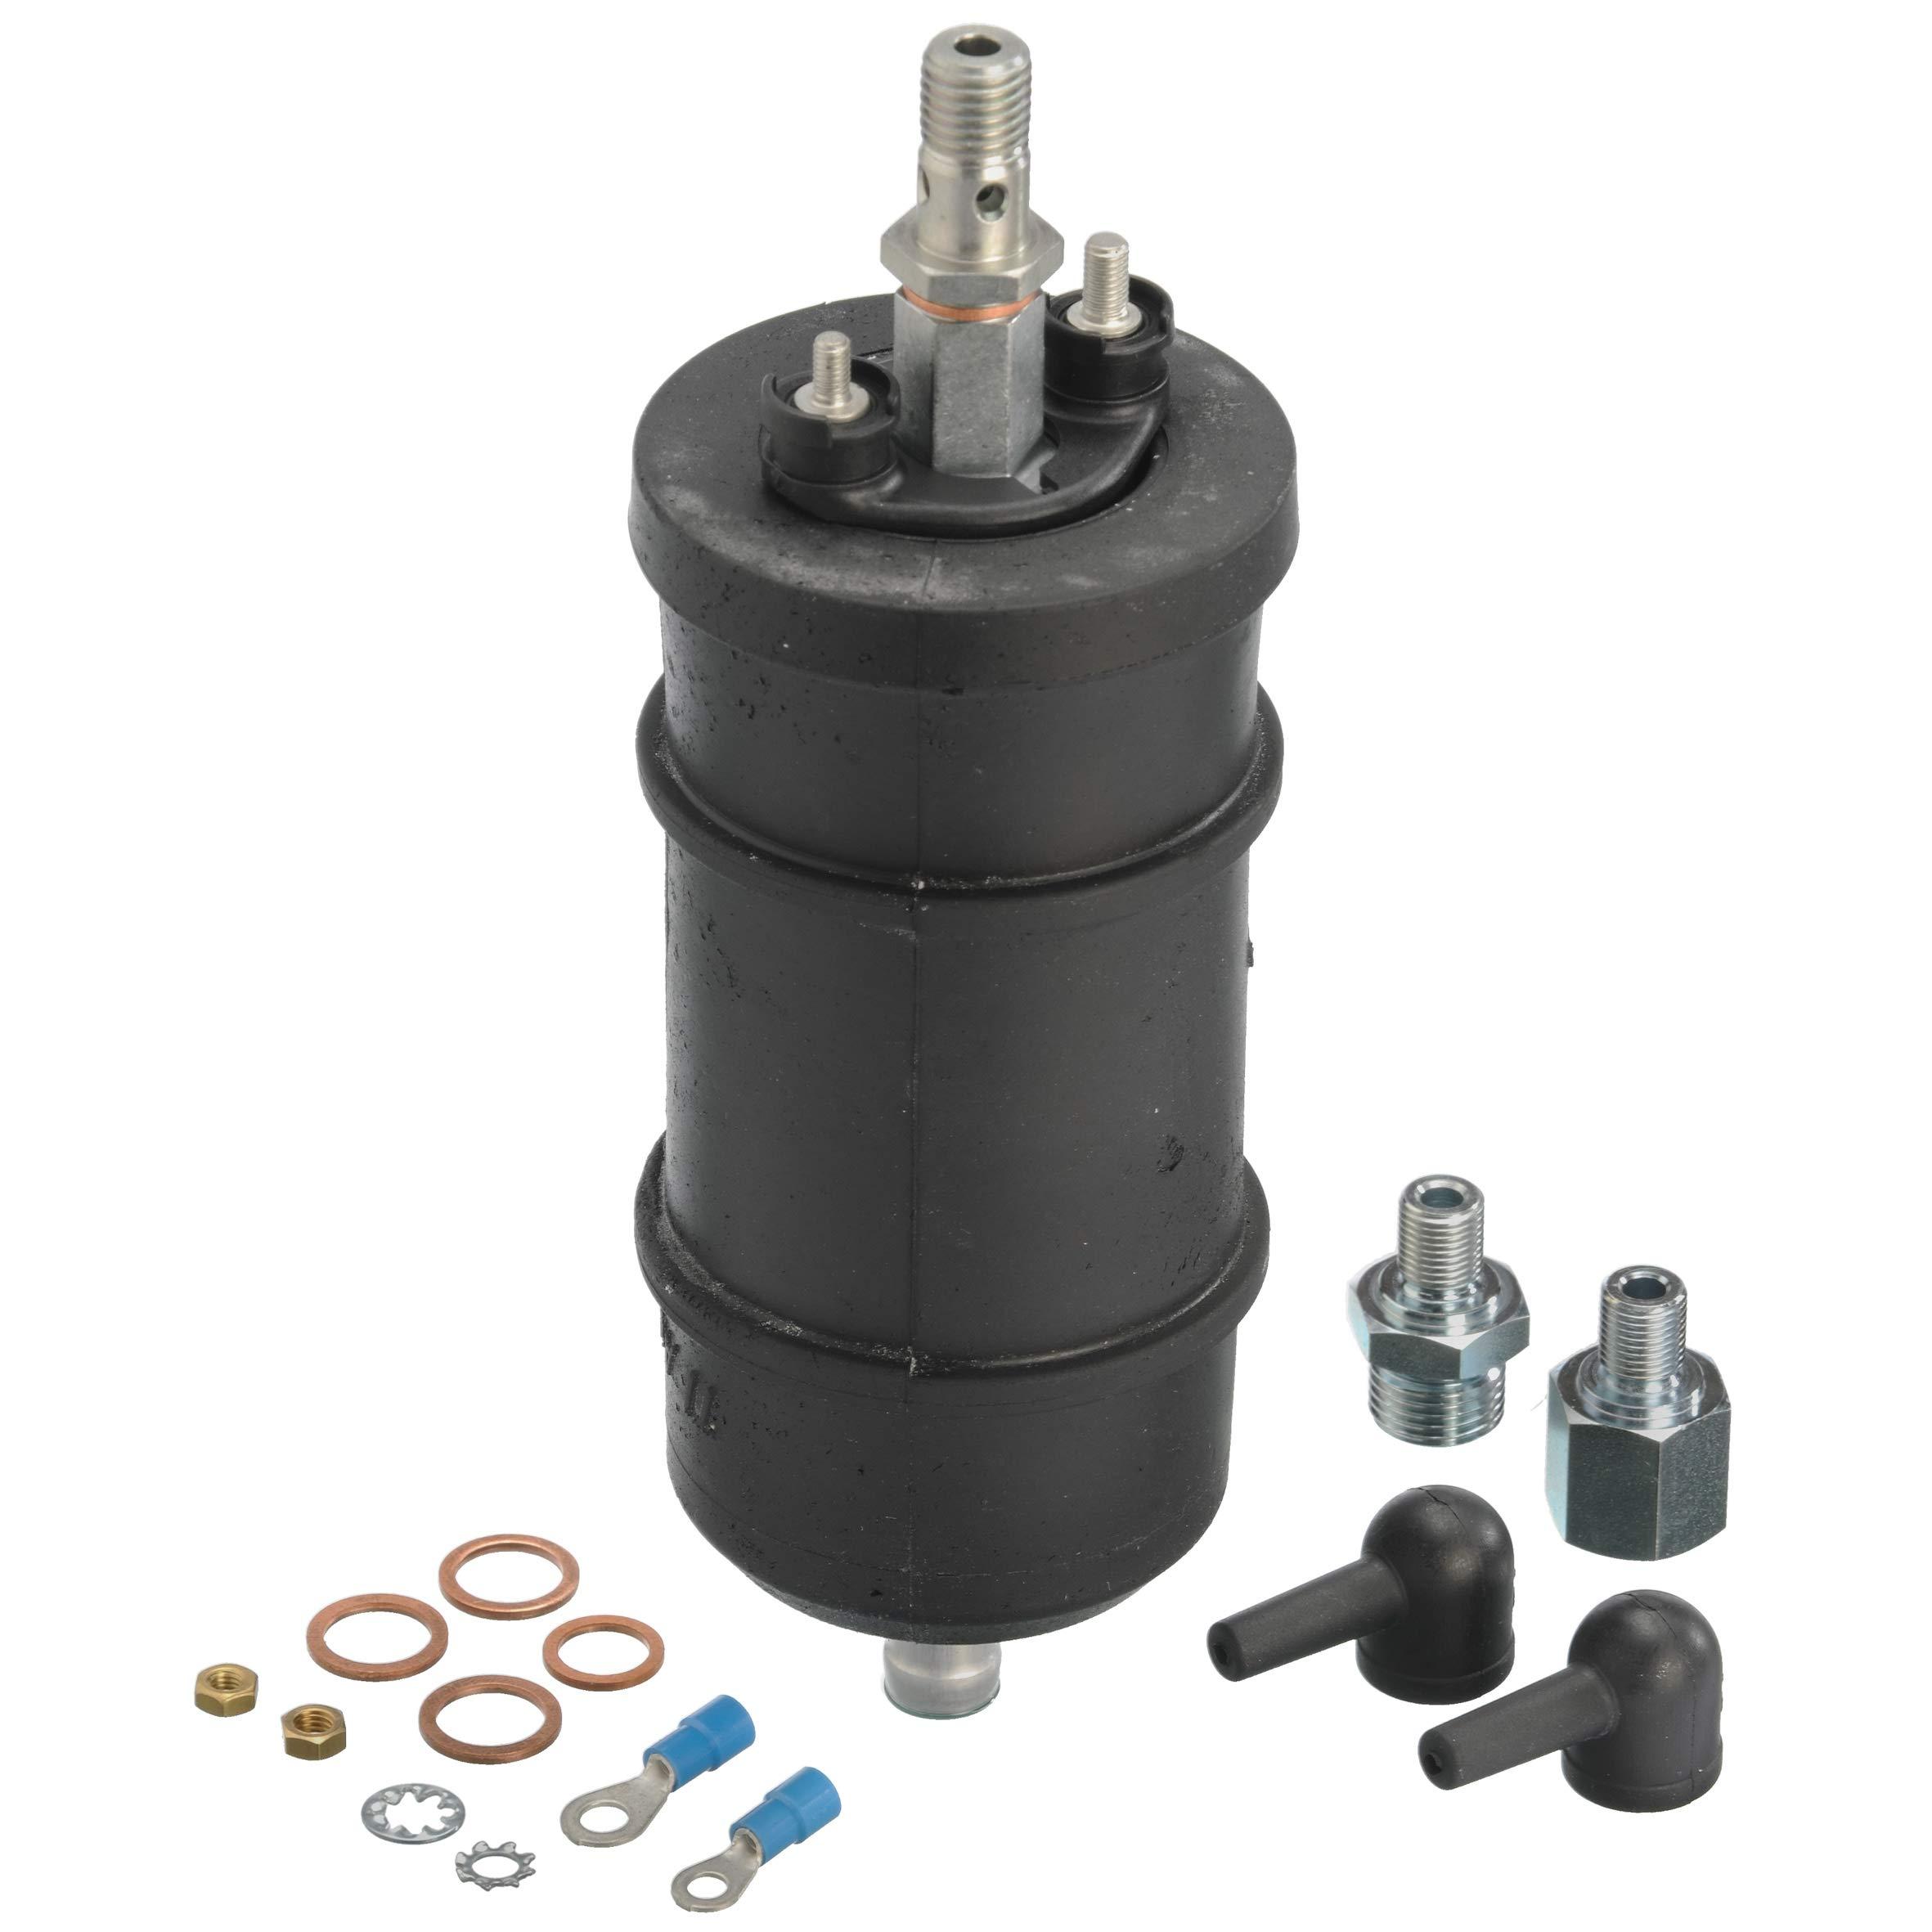 HELLA 7.21659.70.0 Fuel pump by HELLA